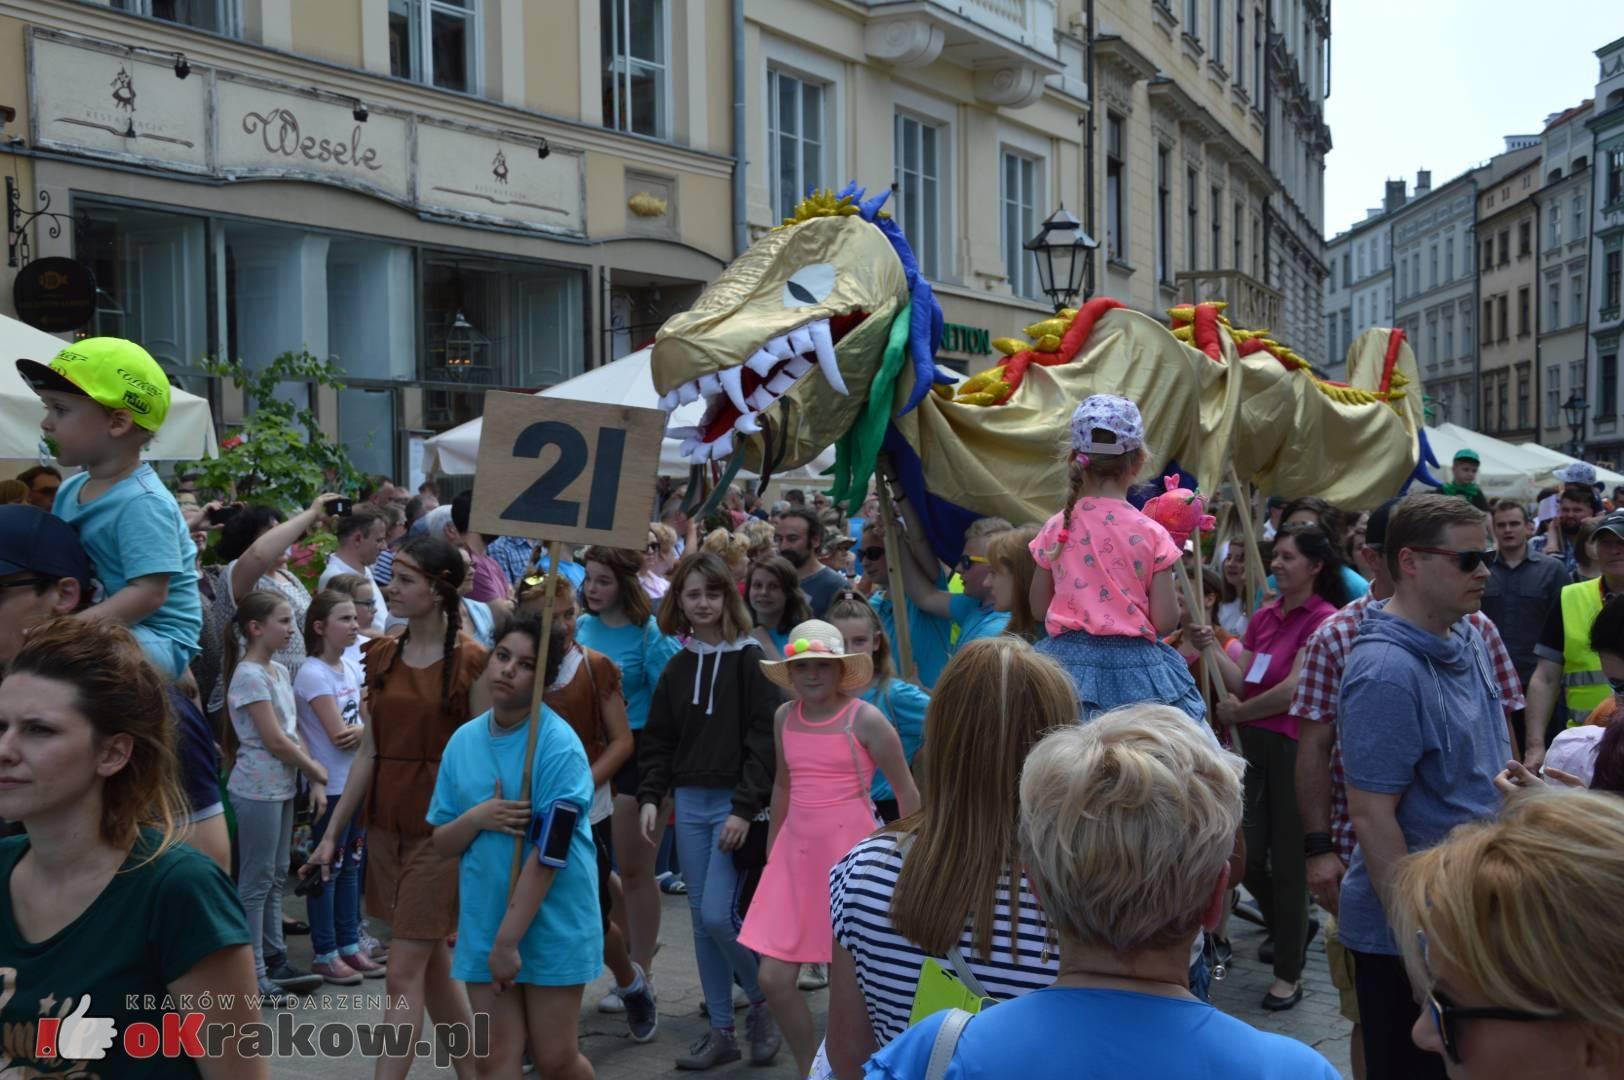 wielka parada smokow przeszla przez krakow w 40 smokow do okola swiata 2019 230 150x150 - Parada Smoków przeszła przez Kraków. Obszerna galeria zdjęć - 2 czerwca 2019 w Krakowie